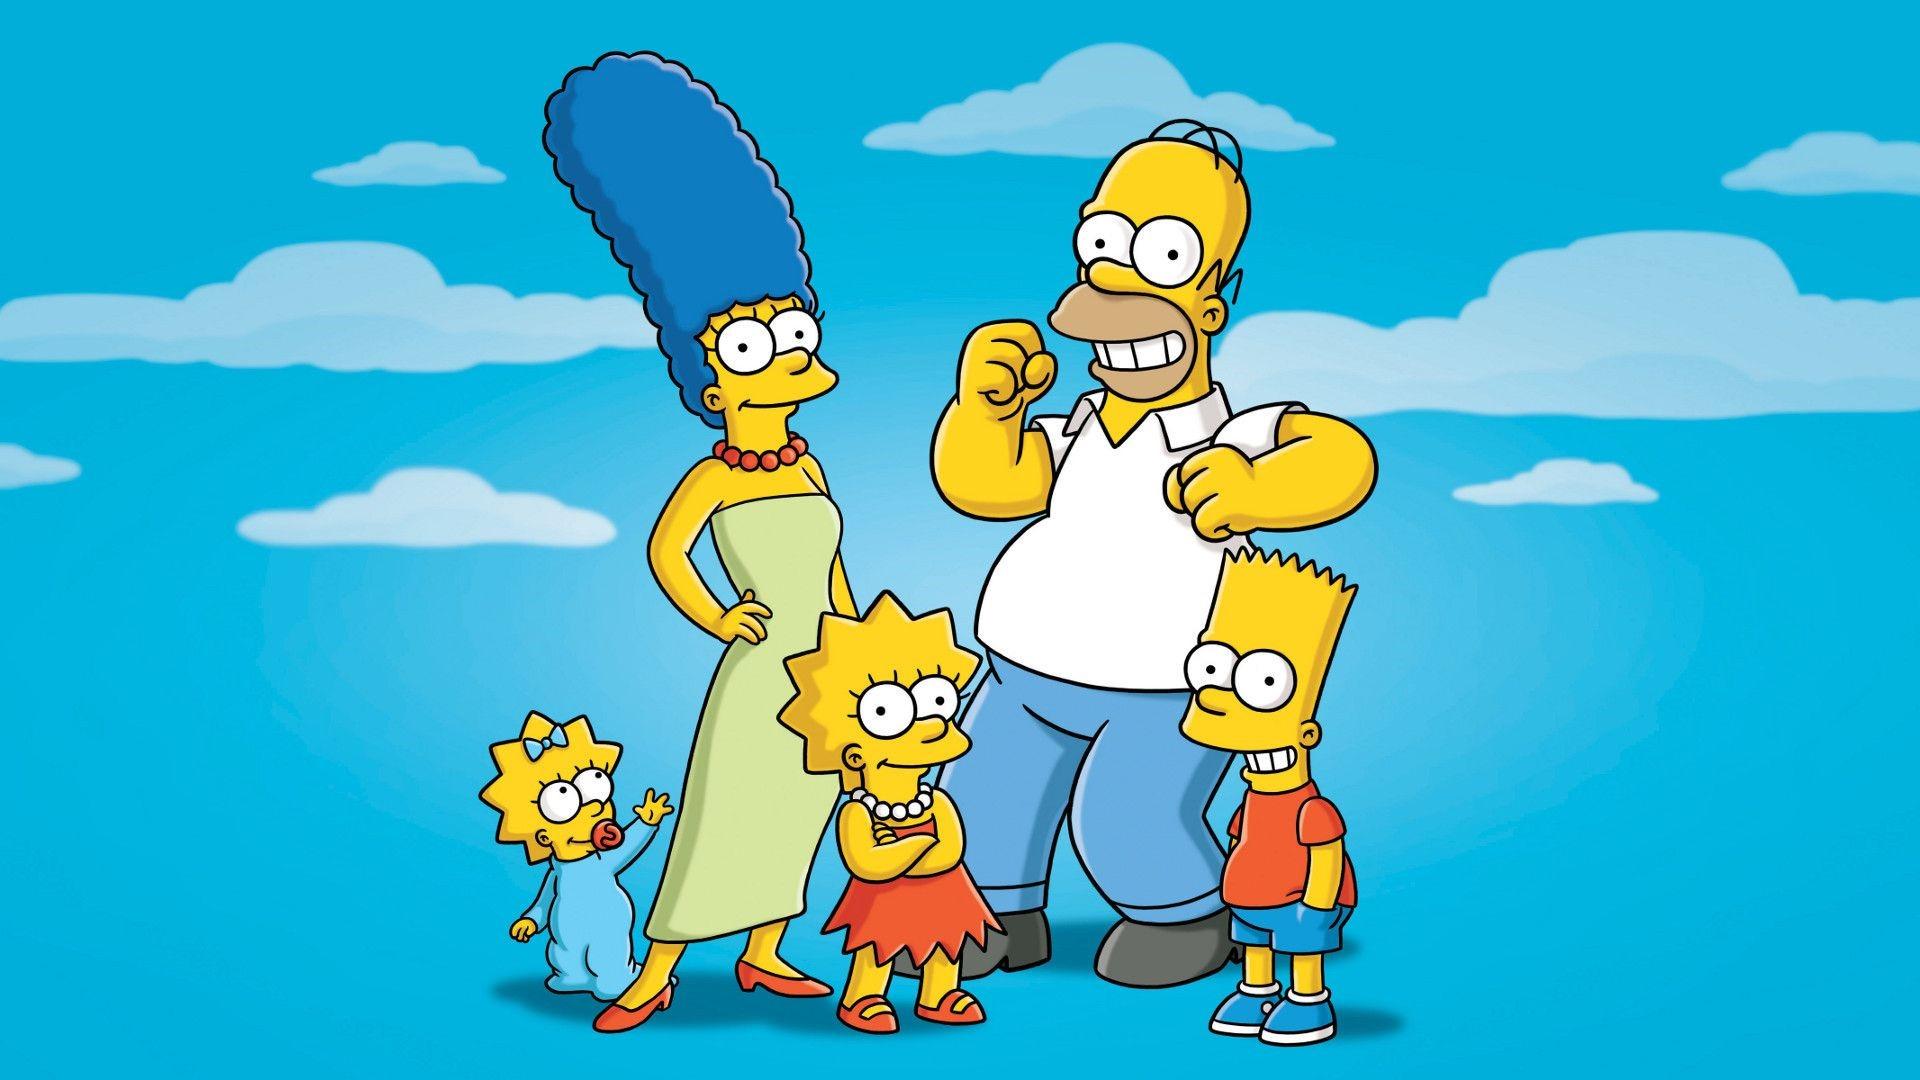 Simpsons Desktop Wallpapers